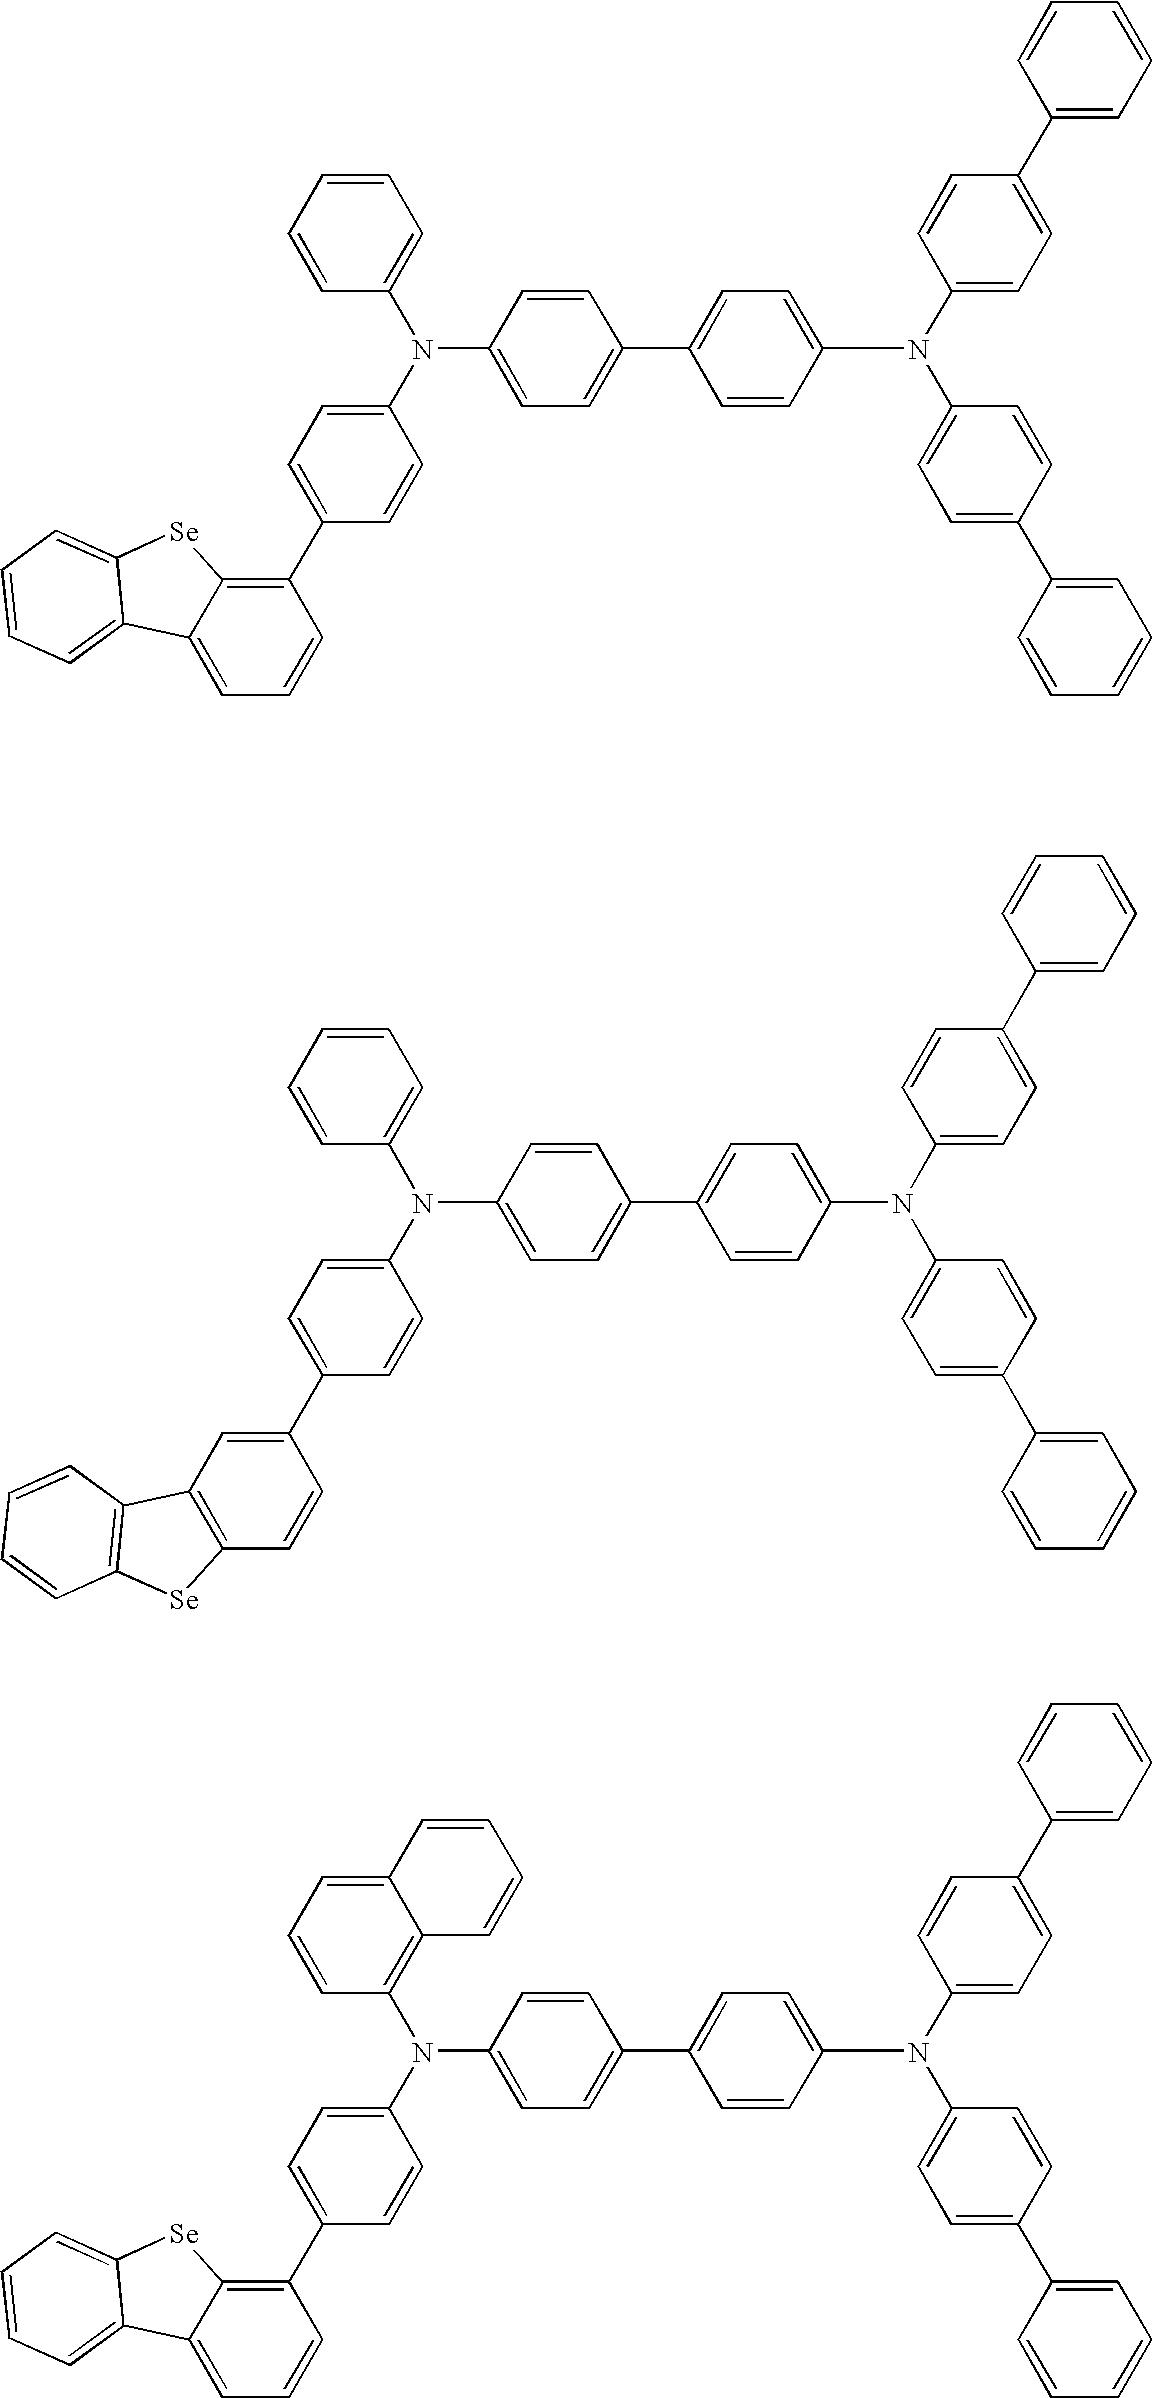 Figure US20100072887A1-20100325-C00019